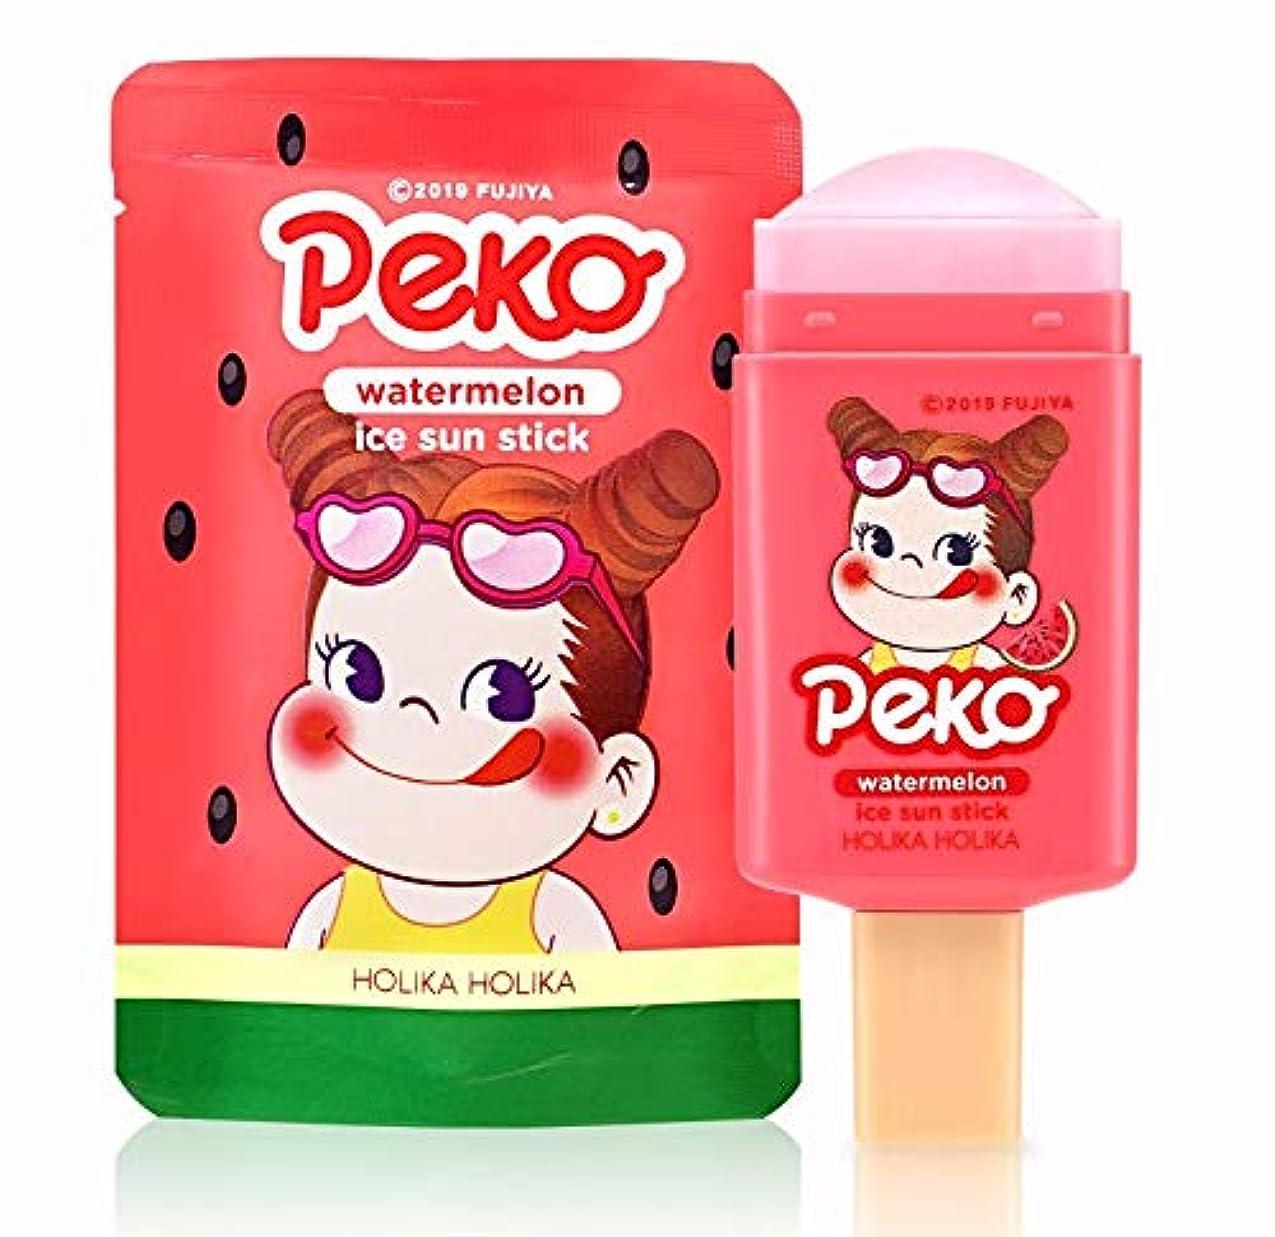 オペレーター話レーザホリカホリカ [スイートペコエディション] スイカ アイス サン スティック 14g / Holika Holika [Sweet Peko Edition] Watermellon Ice Sun Stick SPF50+ PA++++ [並行輸入品]